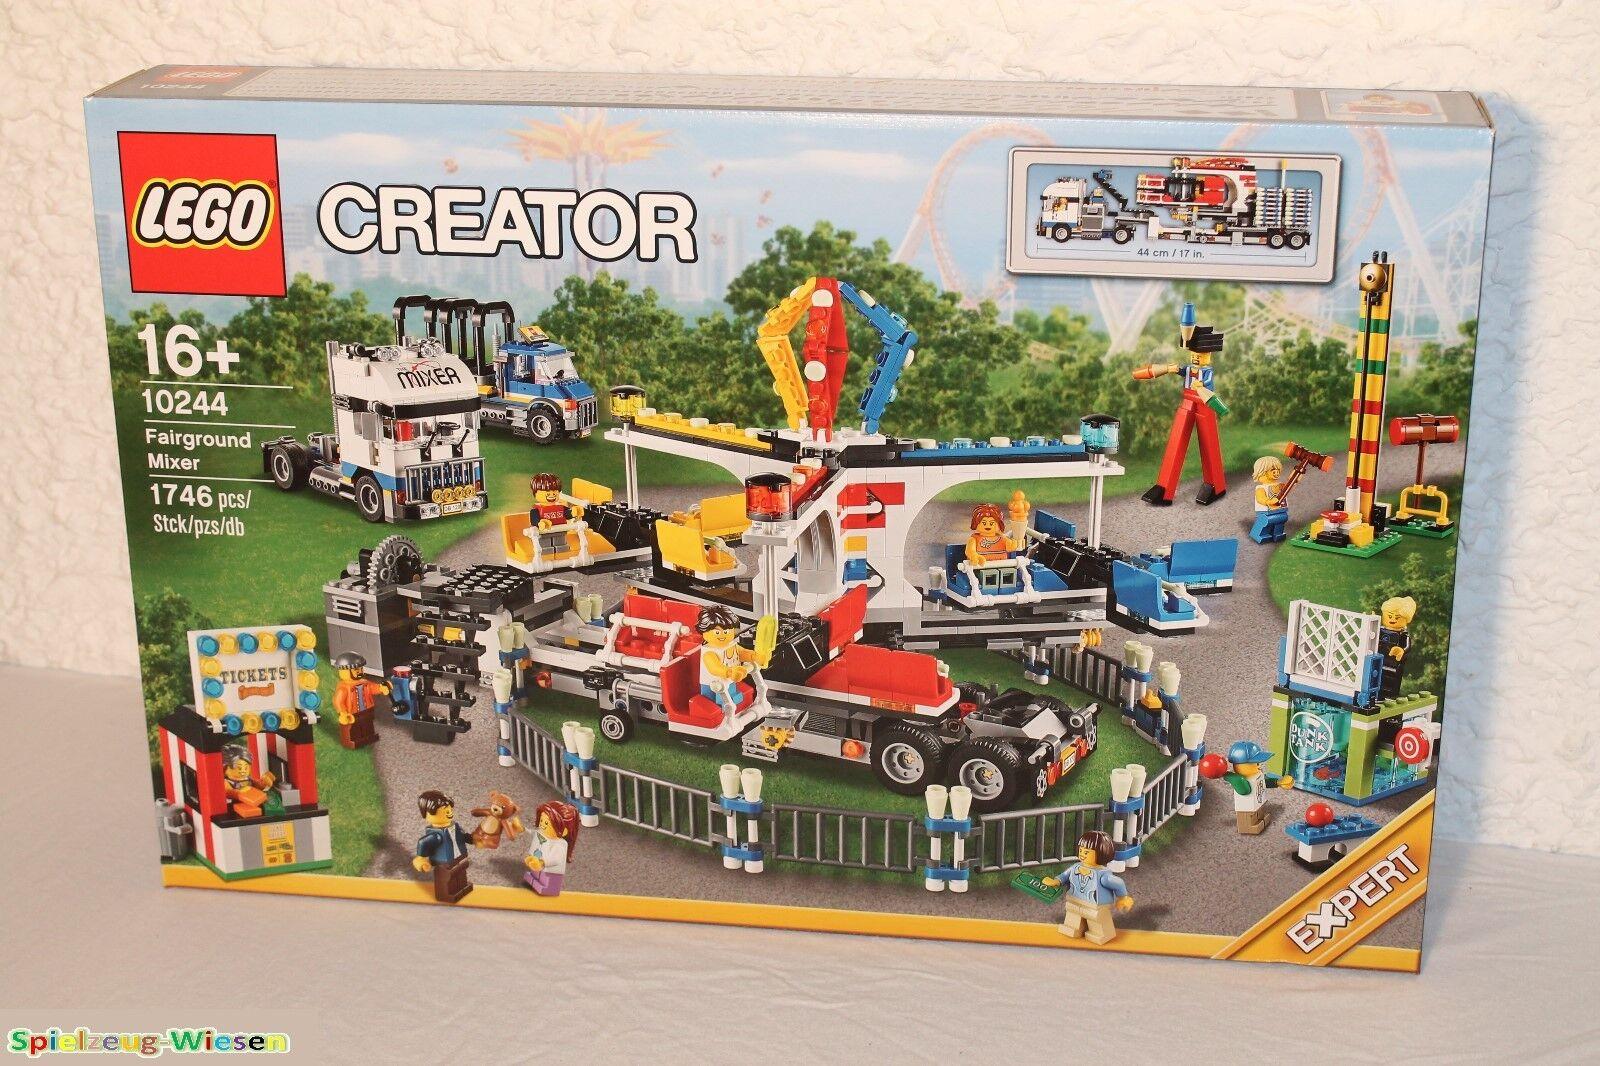 LEGO ® Creator 10244 La Fête Foraine-Manège-NOUVEAU & NEUF dans sa boîte -